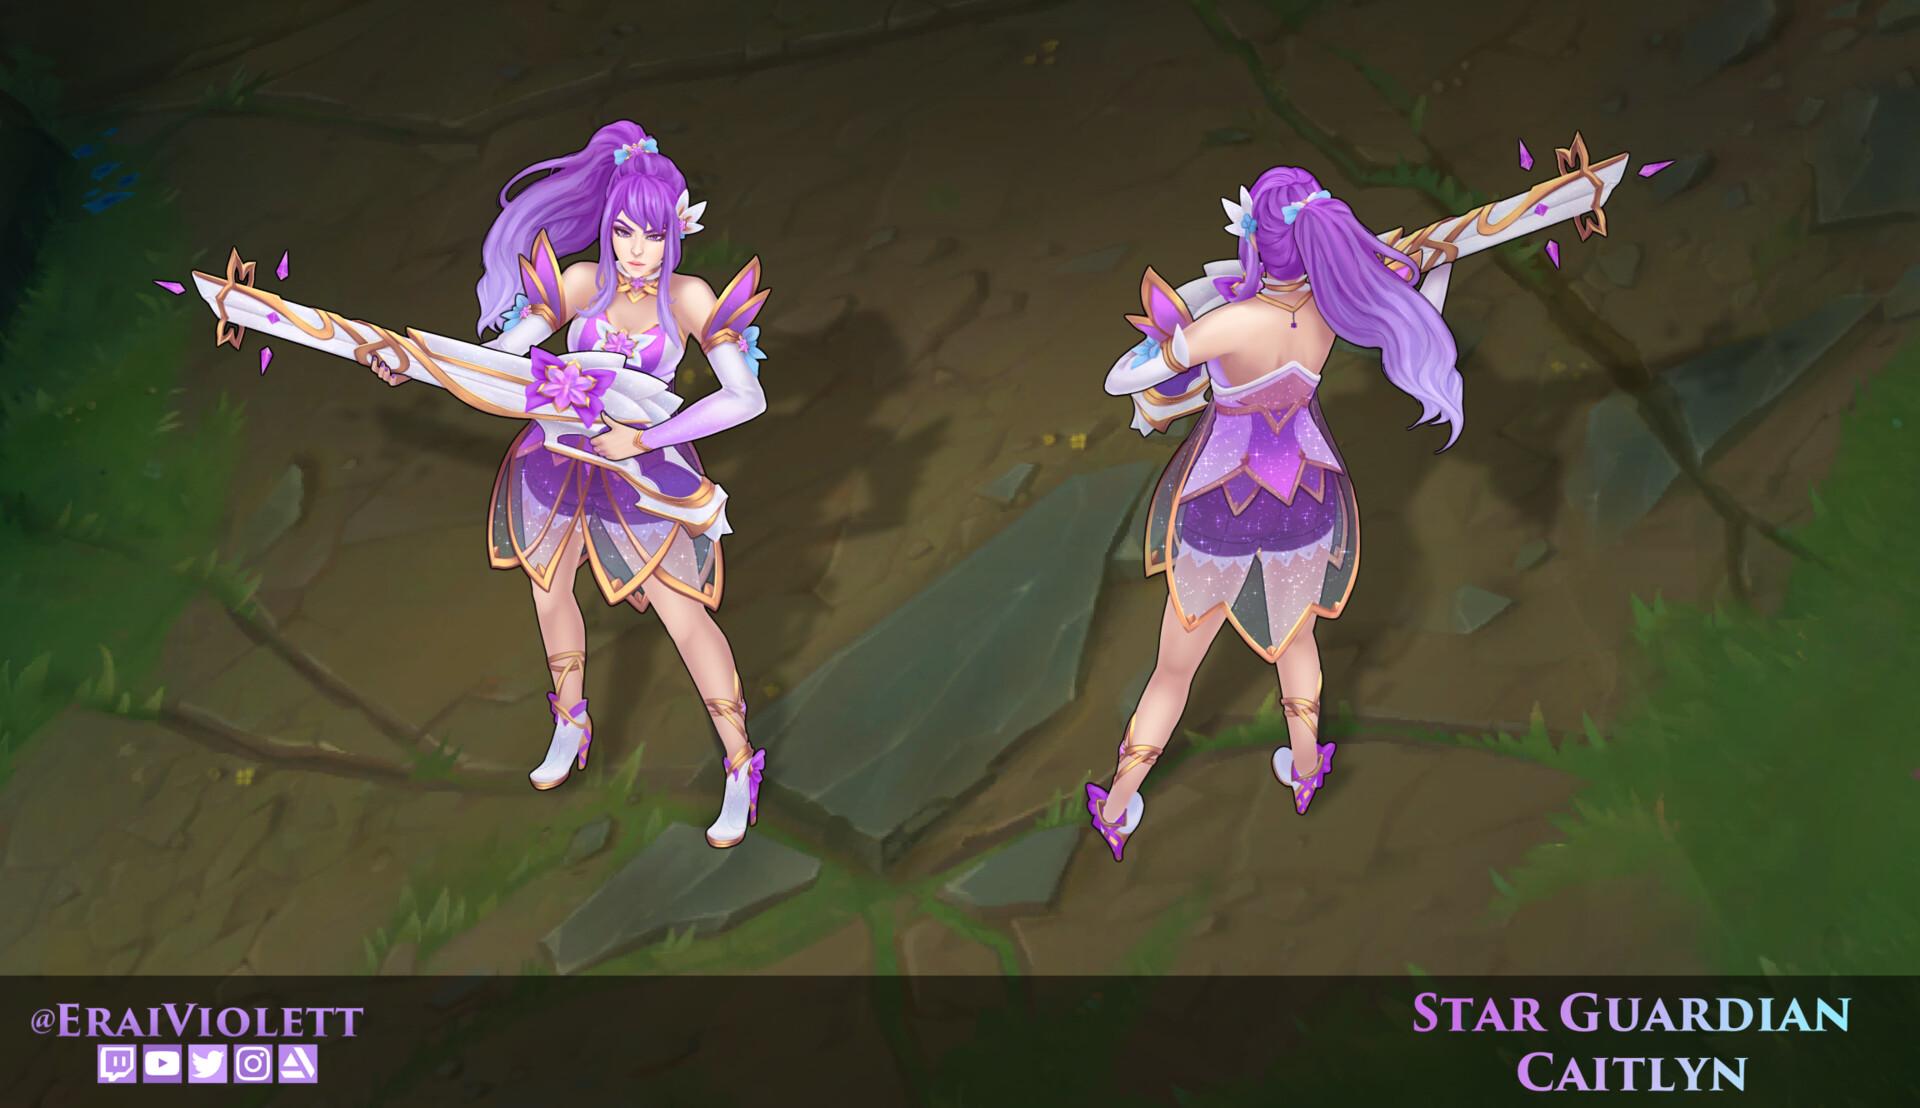 erai-violett-caitlyn-2-ingame-eraiviolett-lr.jpg?1551202474